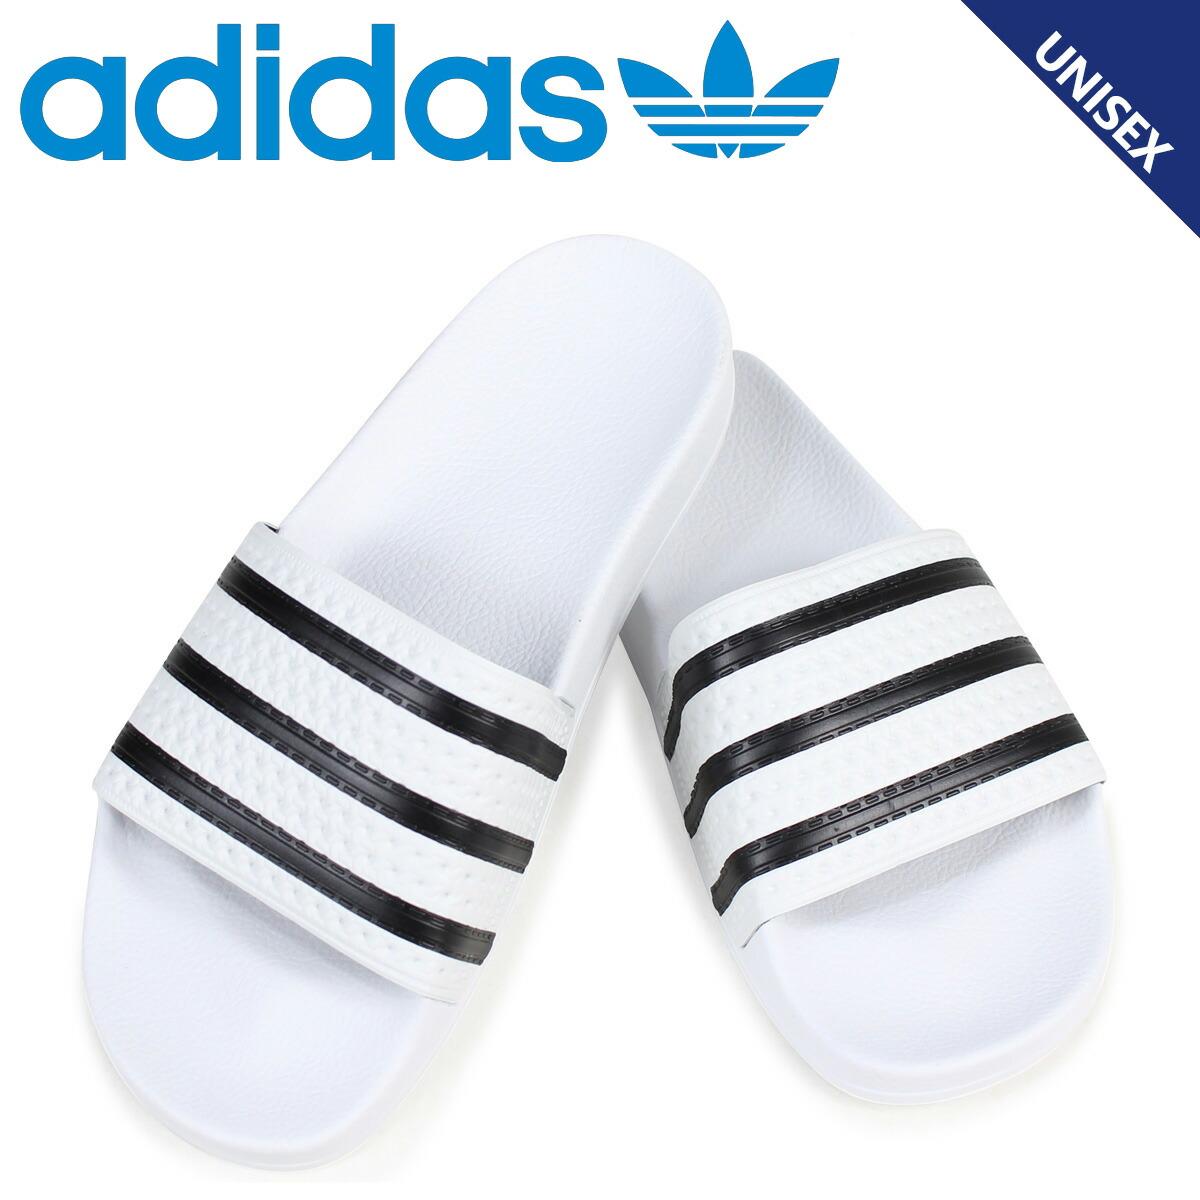 アディダス アディレッタ adidas Originals サンダル シャワーサンダル ADILETTE メンズ 280648 ホワイト オリジナルス [2/6 追加入荷]